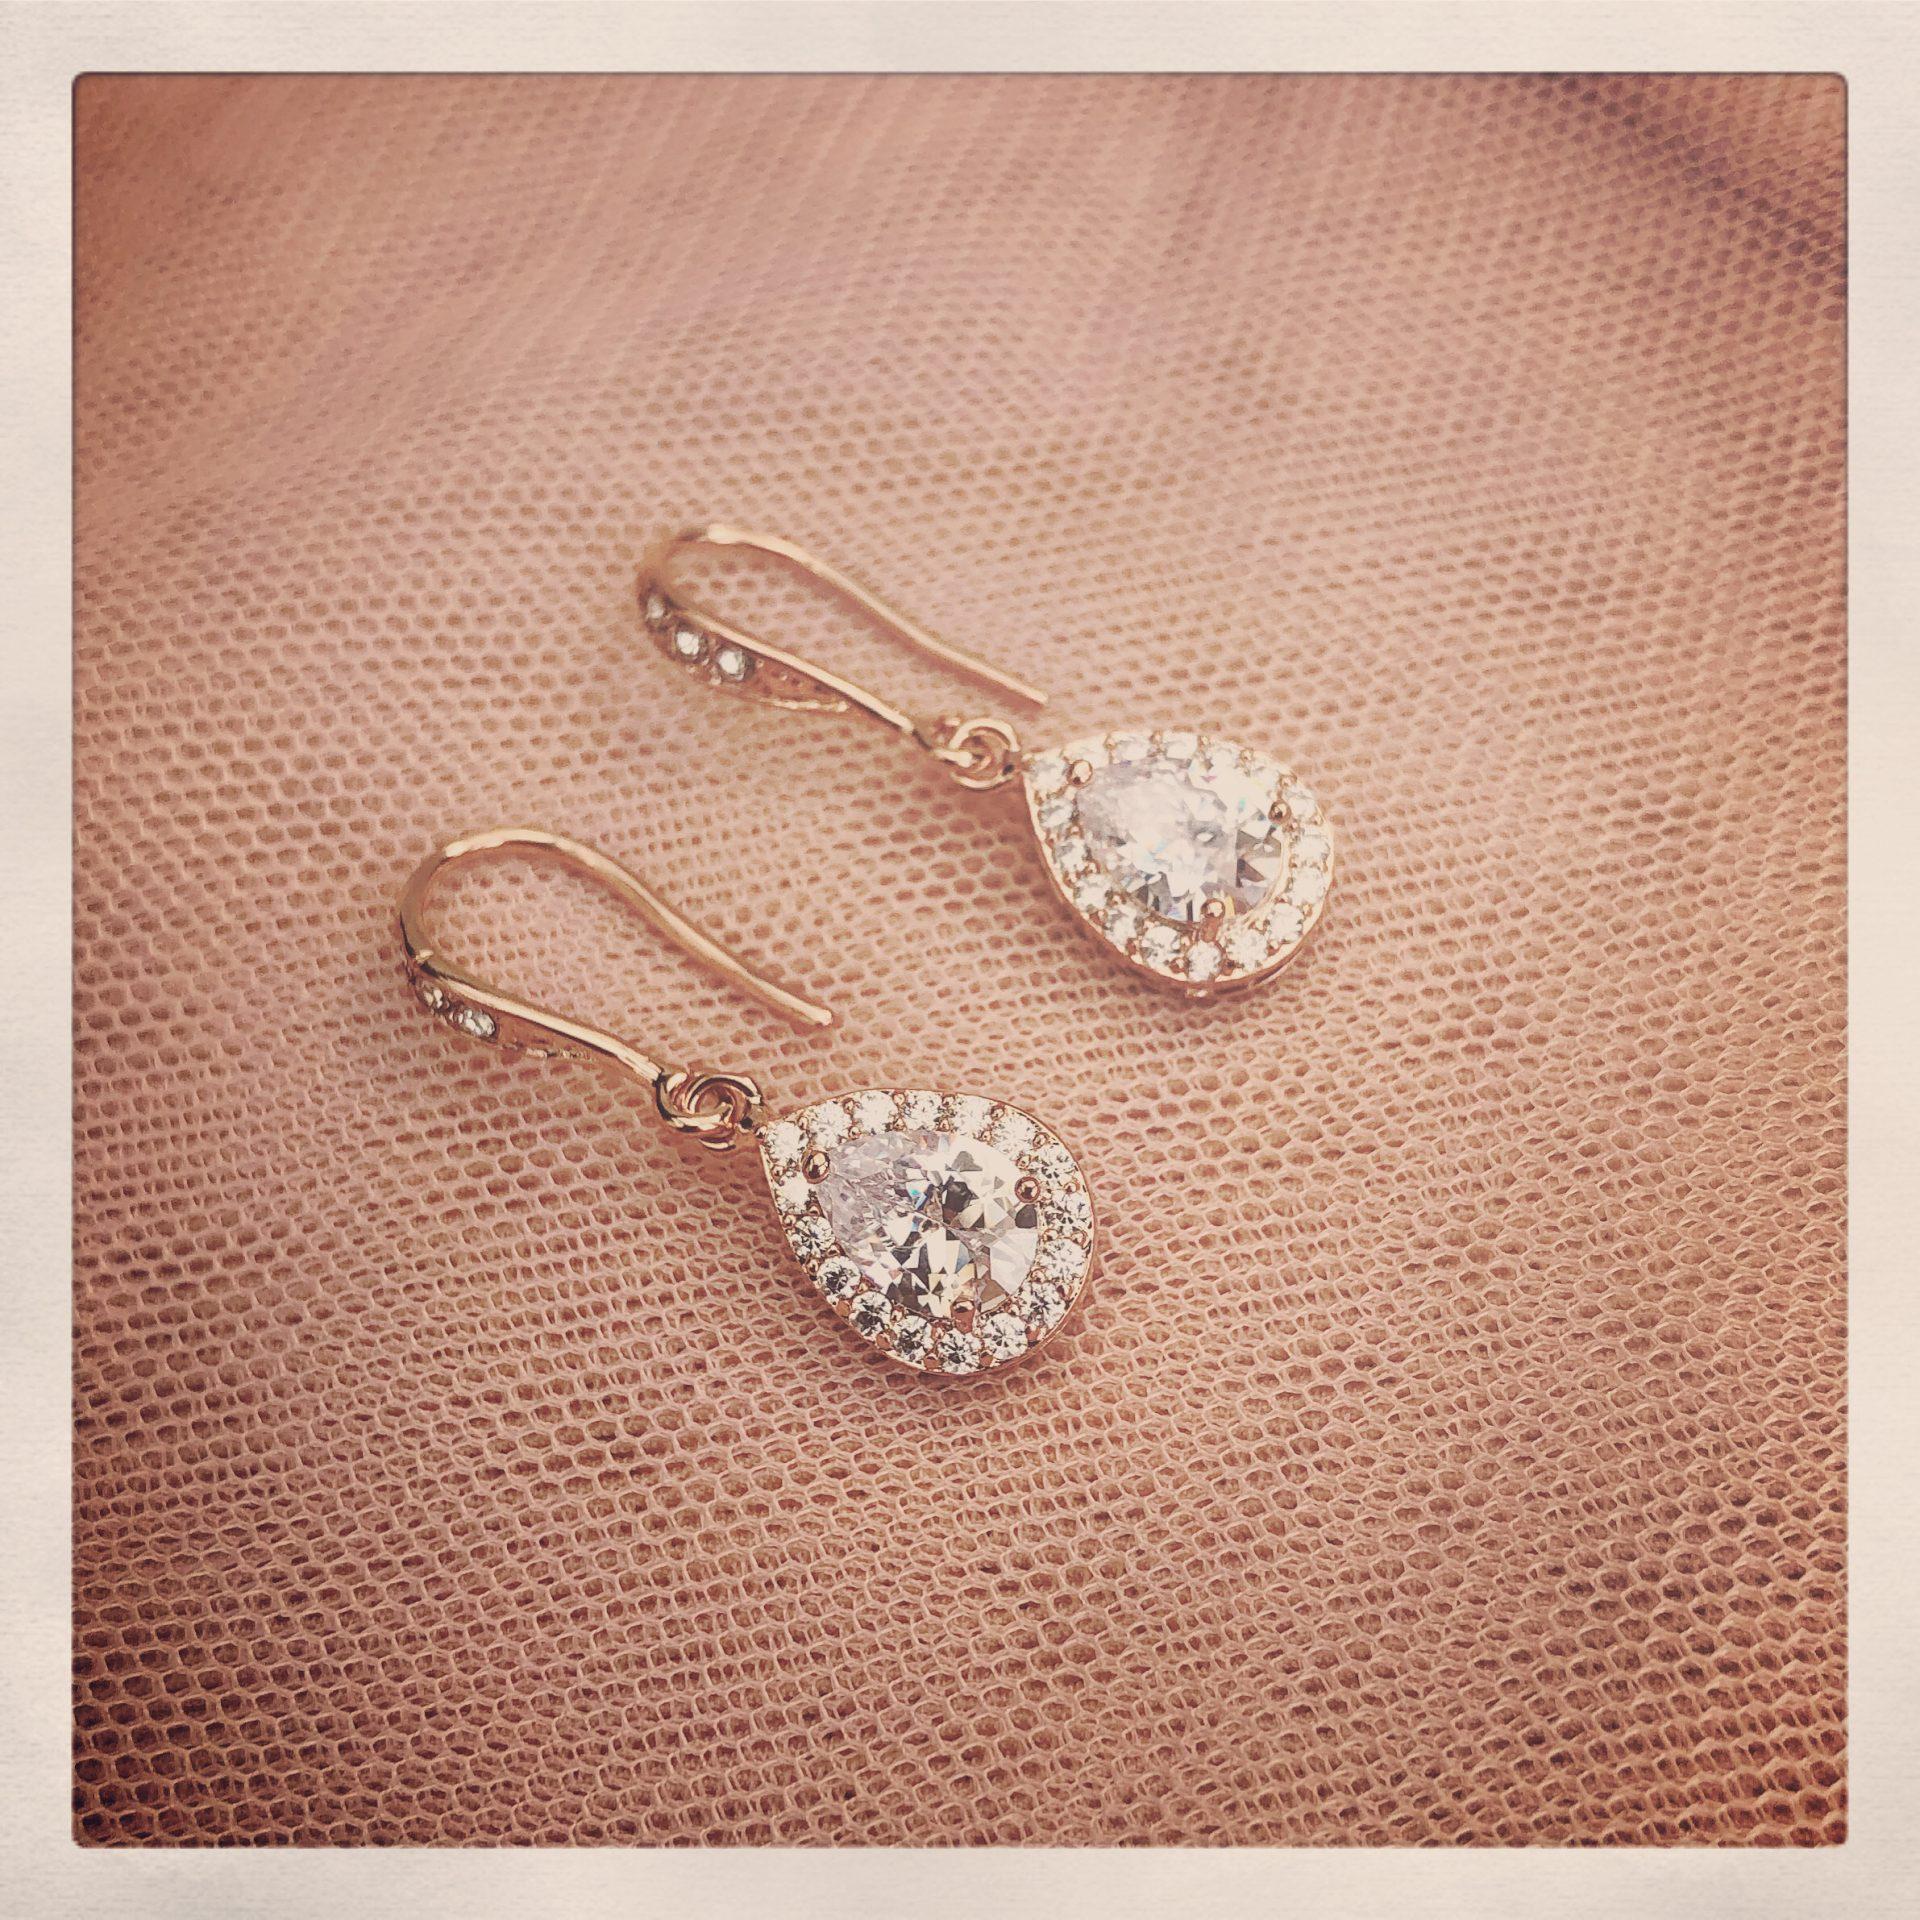 15. Felicity in Rose Gold – Earrings